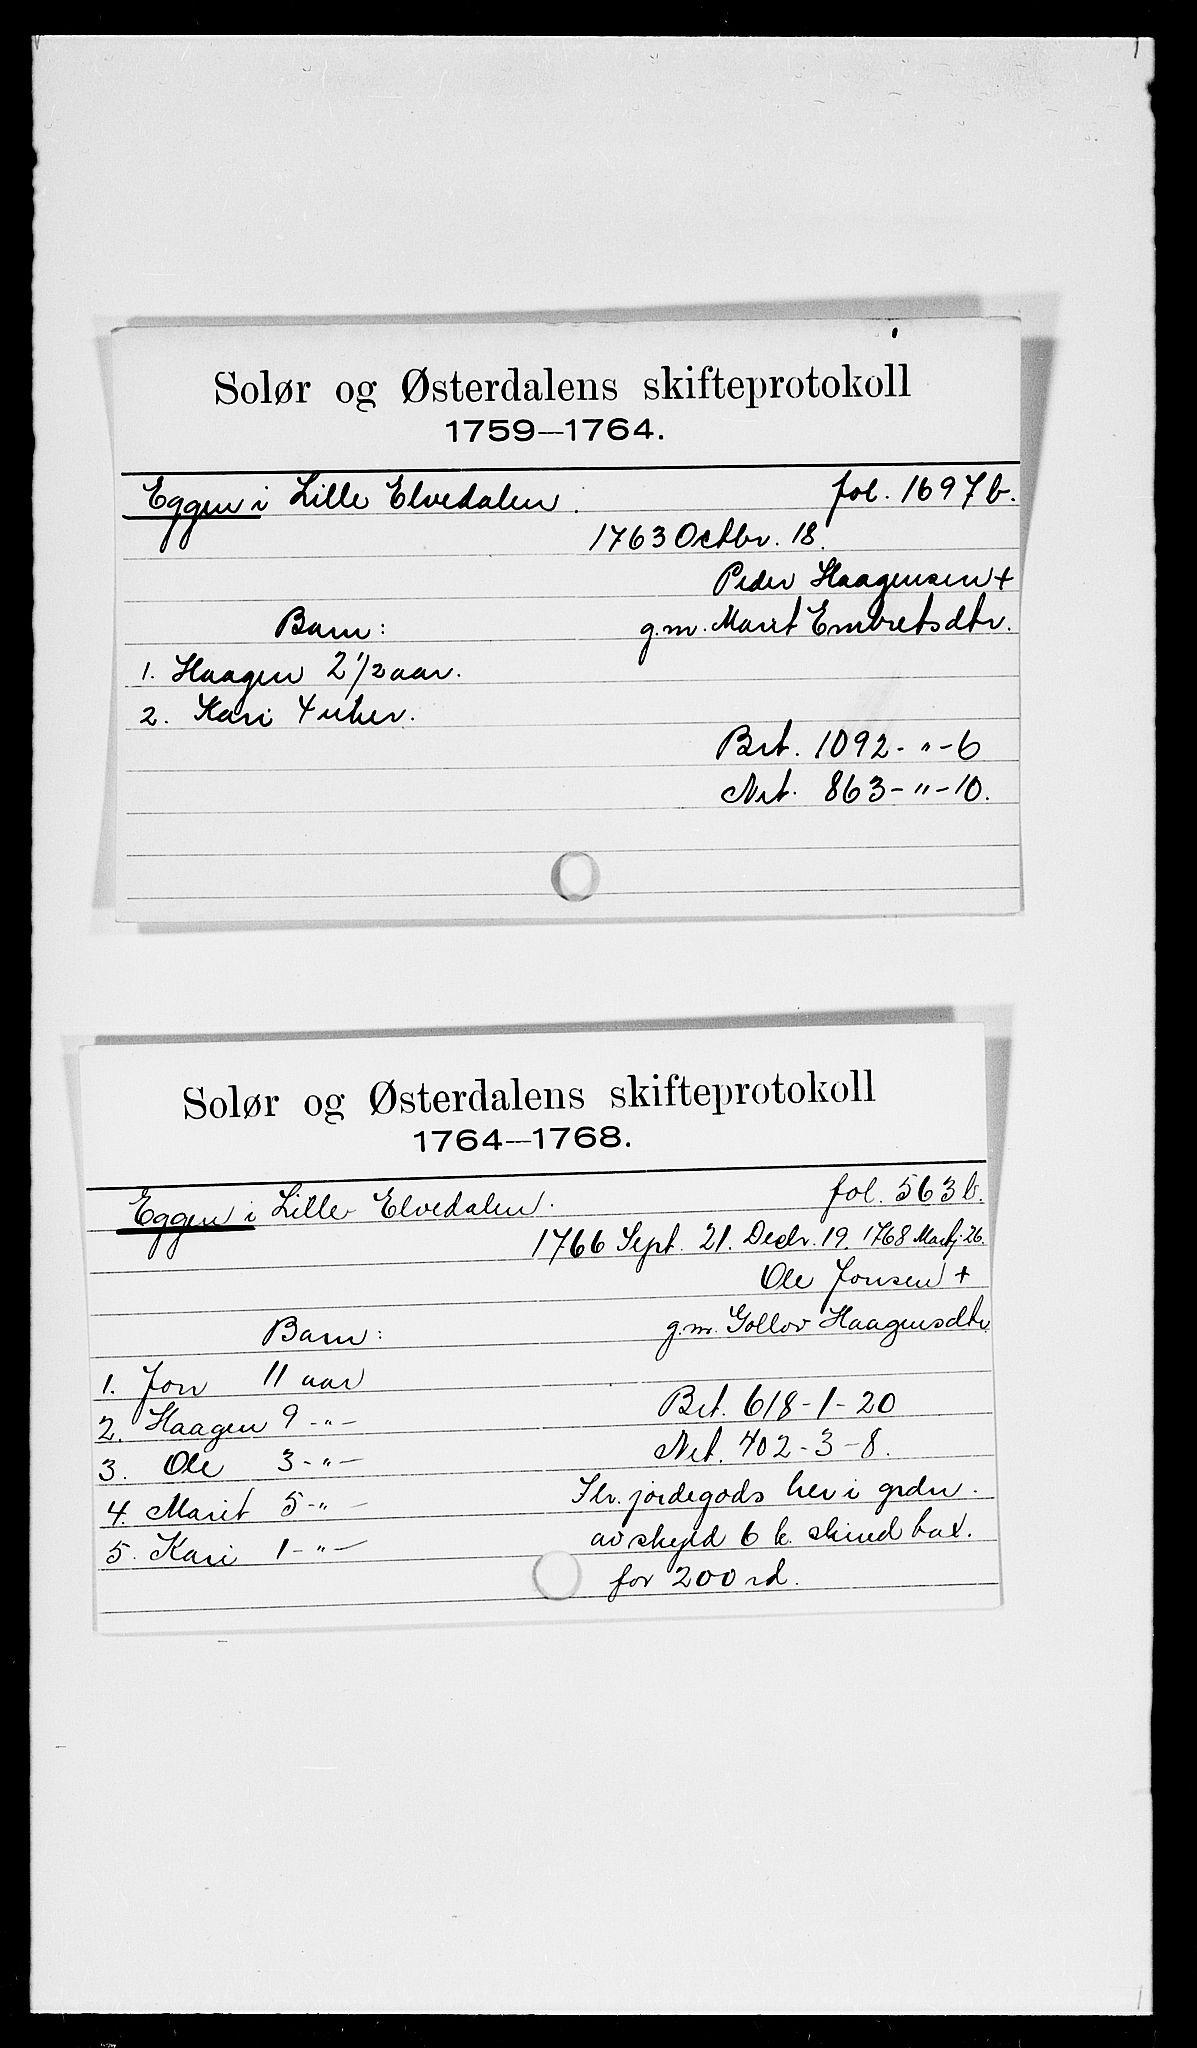 SAH, Solør og Østerdalen sorenskriveri, J, 1716-1774, s. 7967